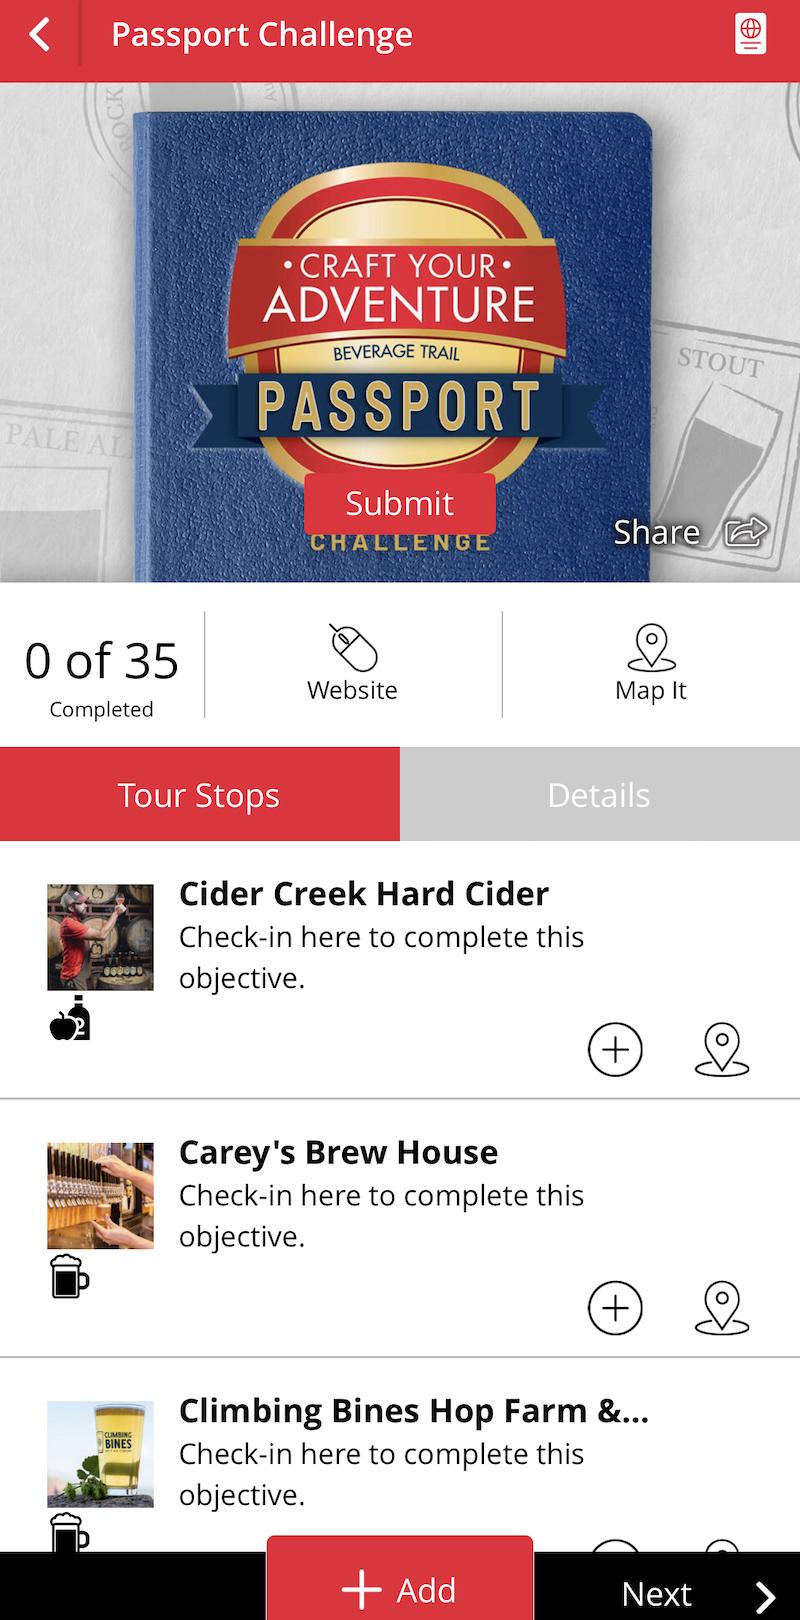 Craft Your Adventure App - Challenge